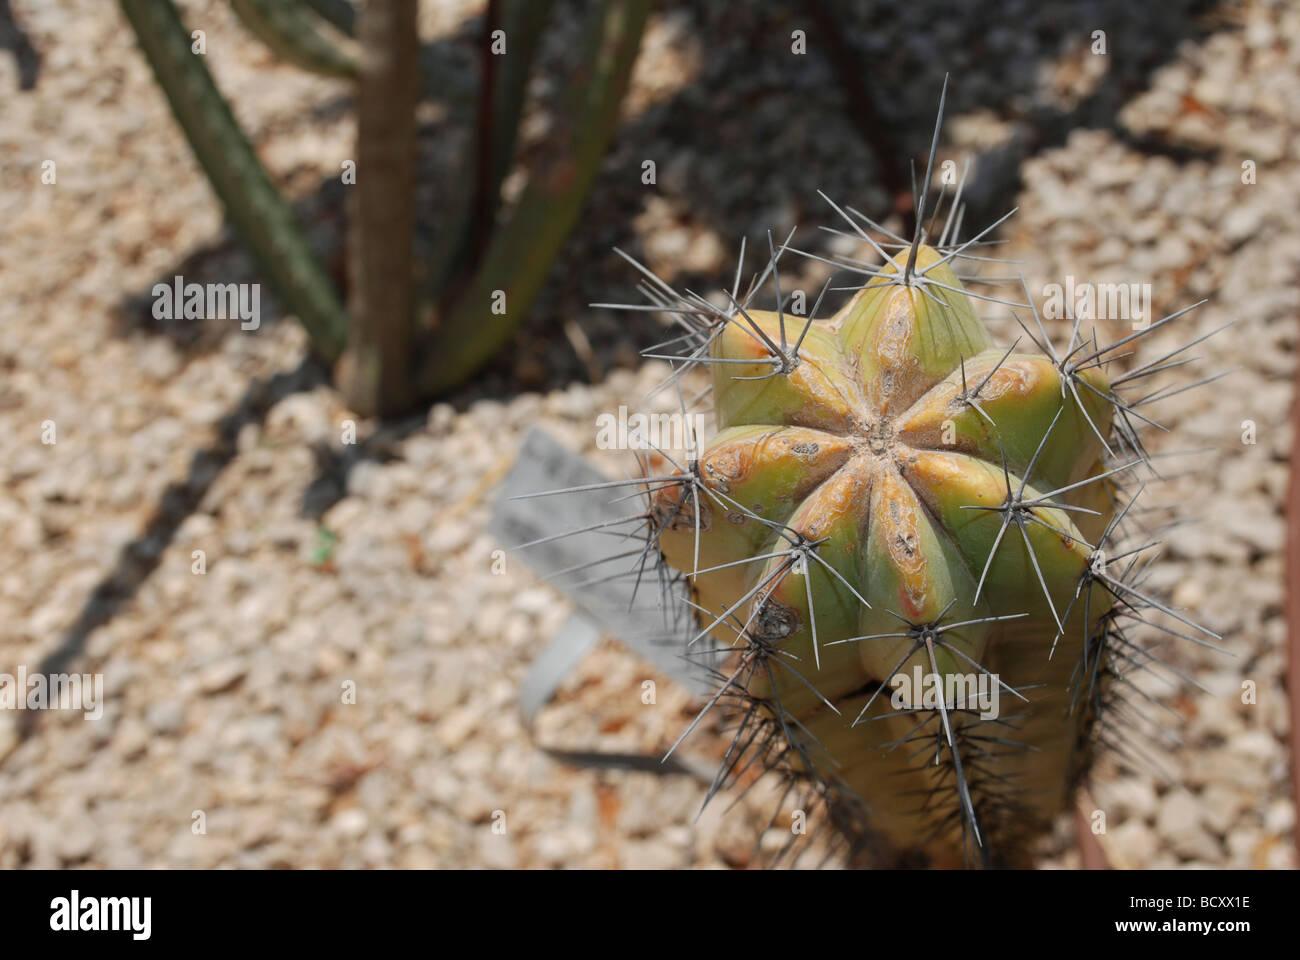 Myrtillocactus geometrizans Cactus Arándano arándano o cactus vela azul Foto de stock